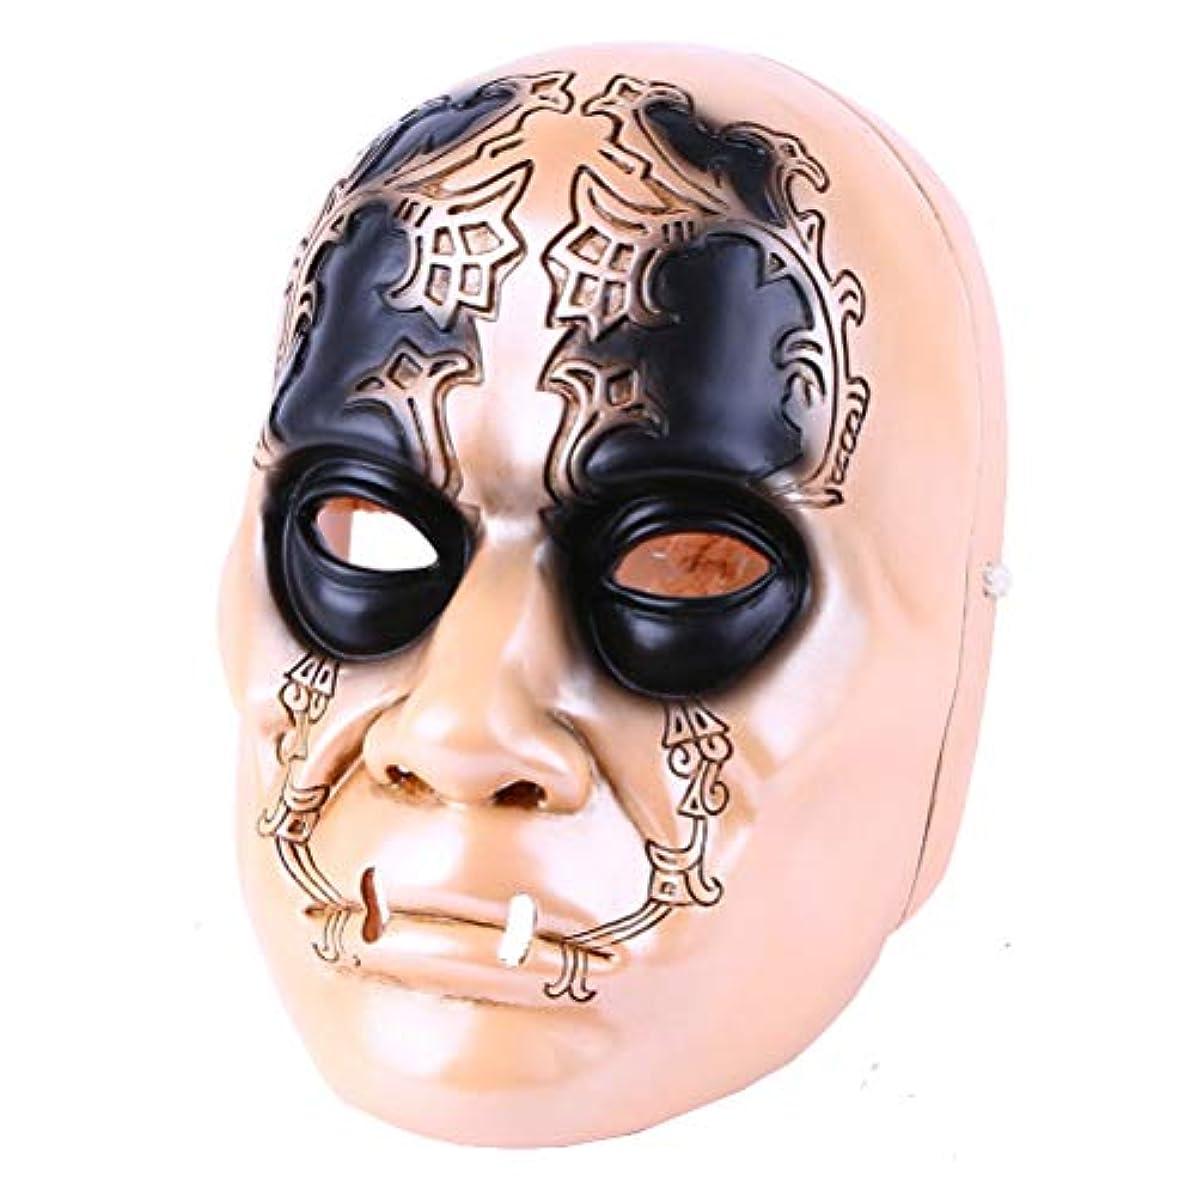 タヒチ桃舌なハロウィーンマスクテロ悪魔マスクハリーポッターの映画のテーマデスイーターマスクモデルの小道具